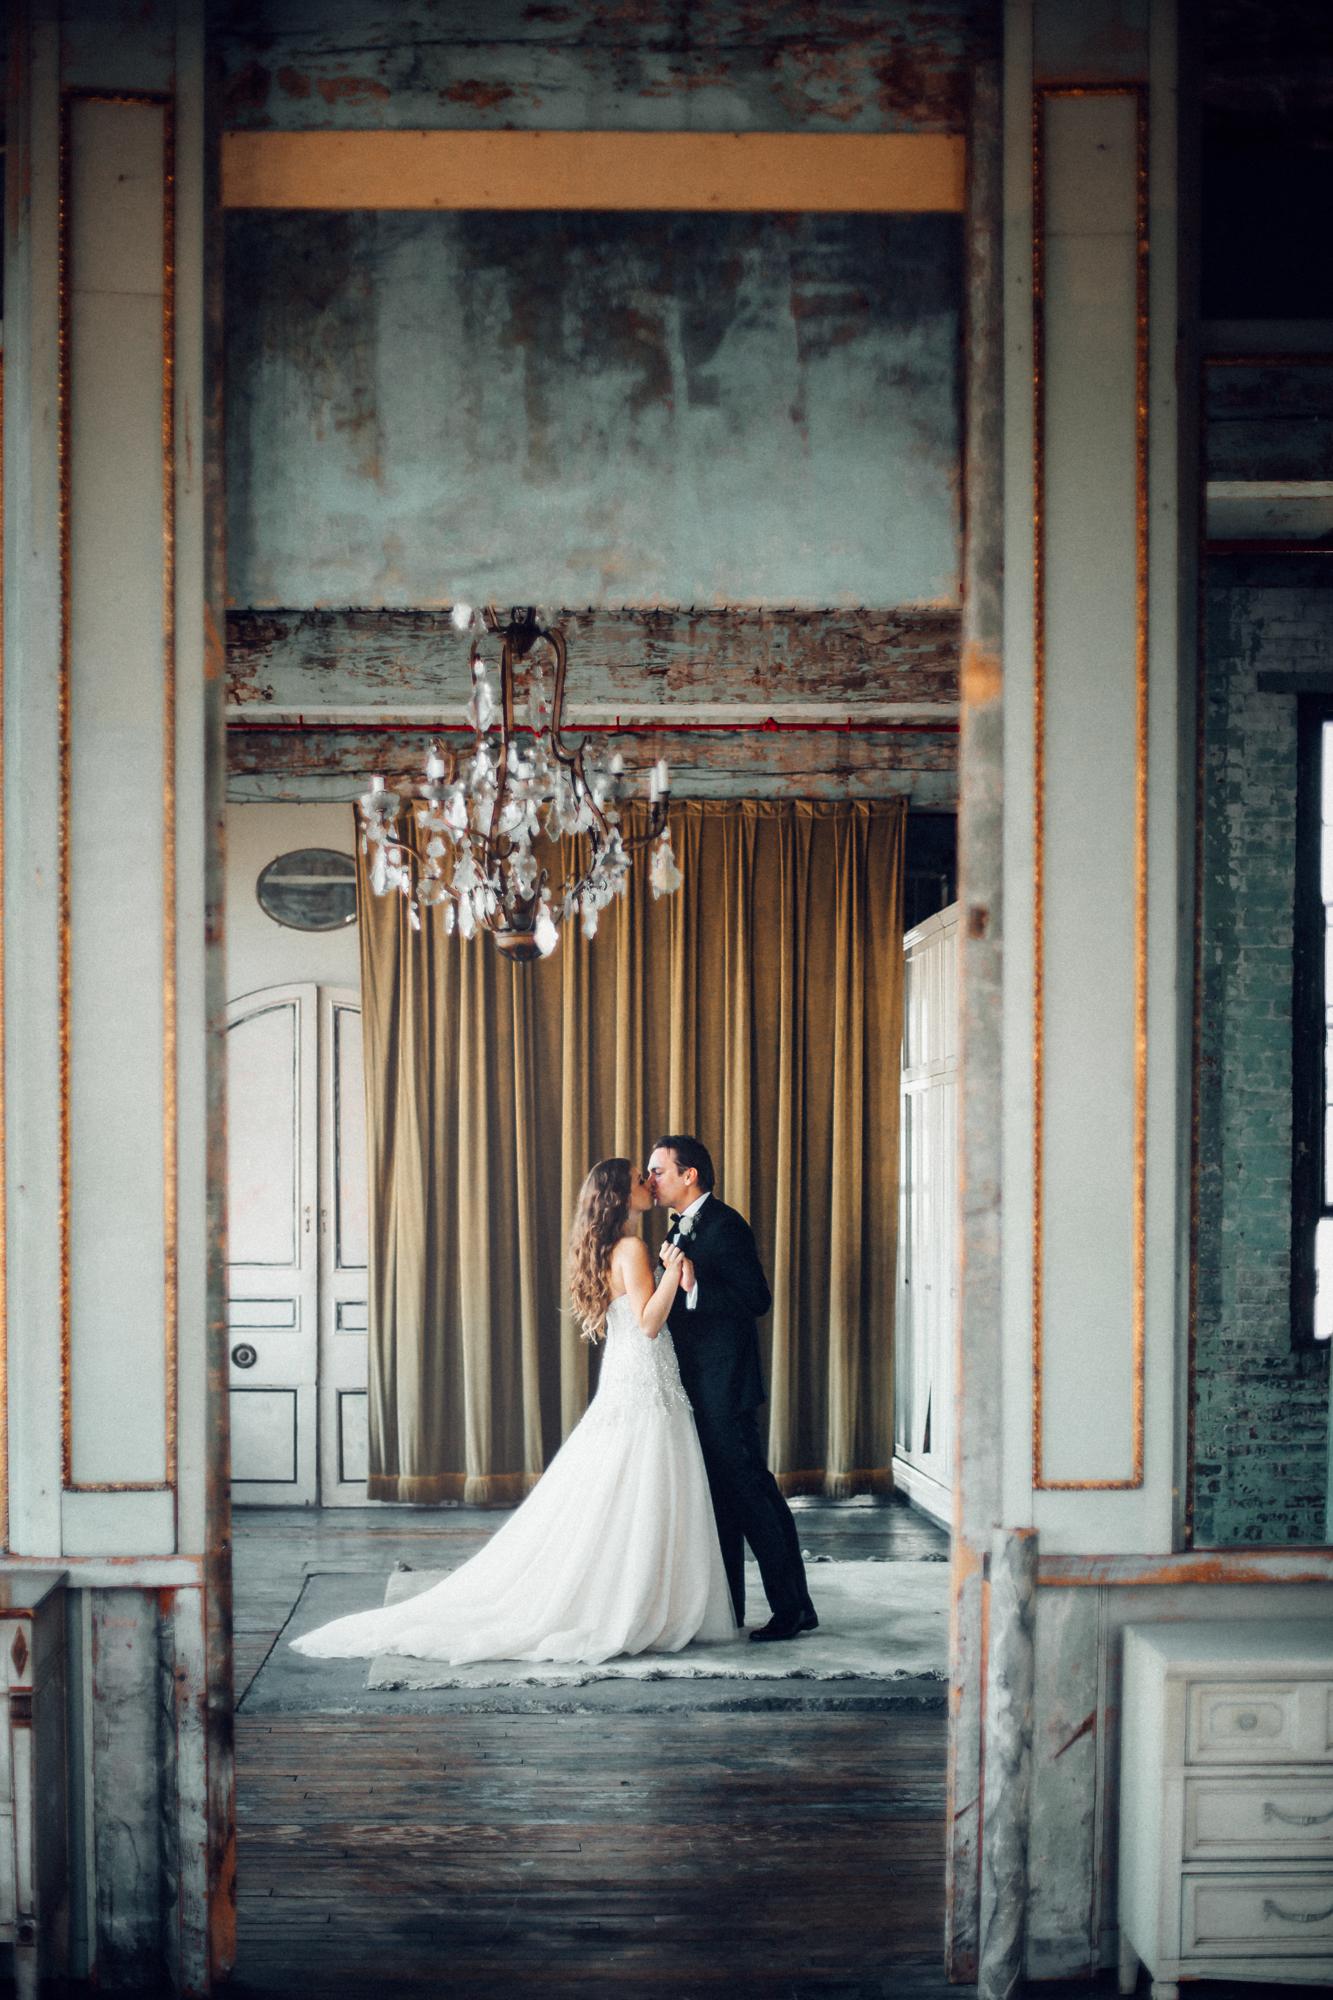 New York Wedding Photographer Boris Zaretsky Boris_Zaretsky_Photography__B2C4926-Edit copy.jpg